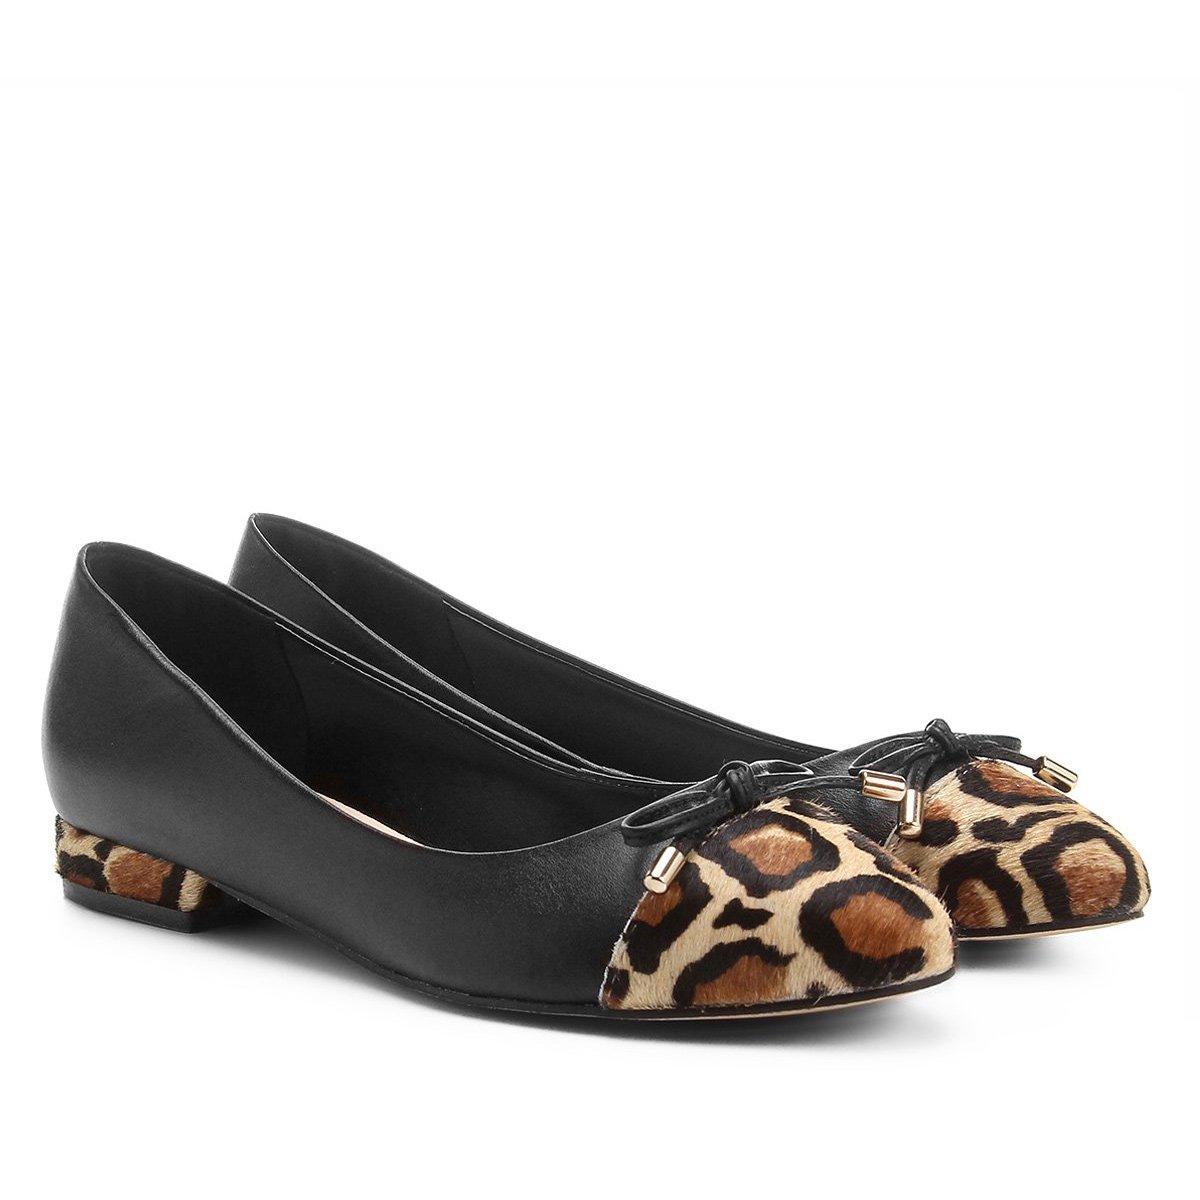 4581925516 Sapatilha Couro Shoestock Biqueira Onça - Compre Agora